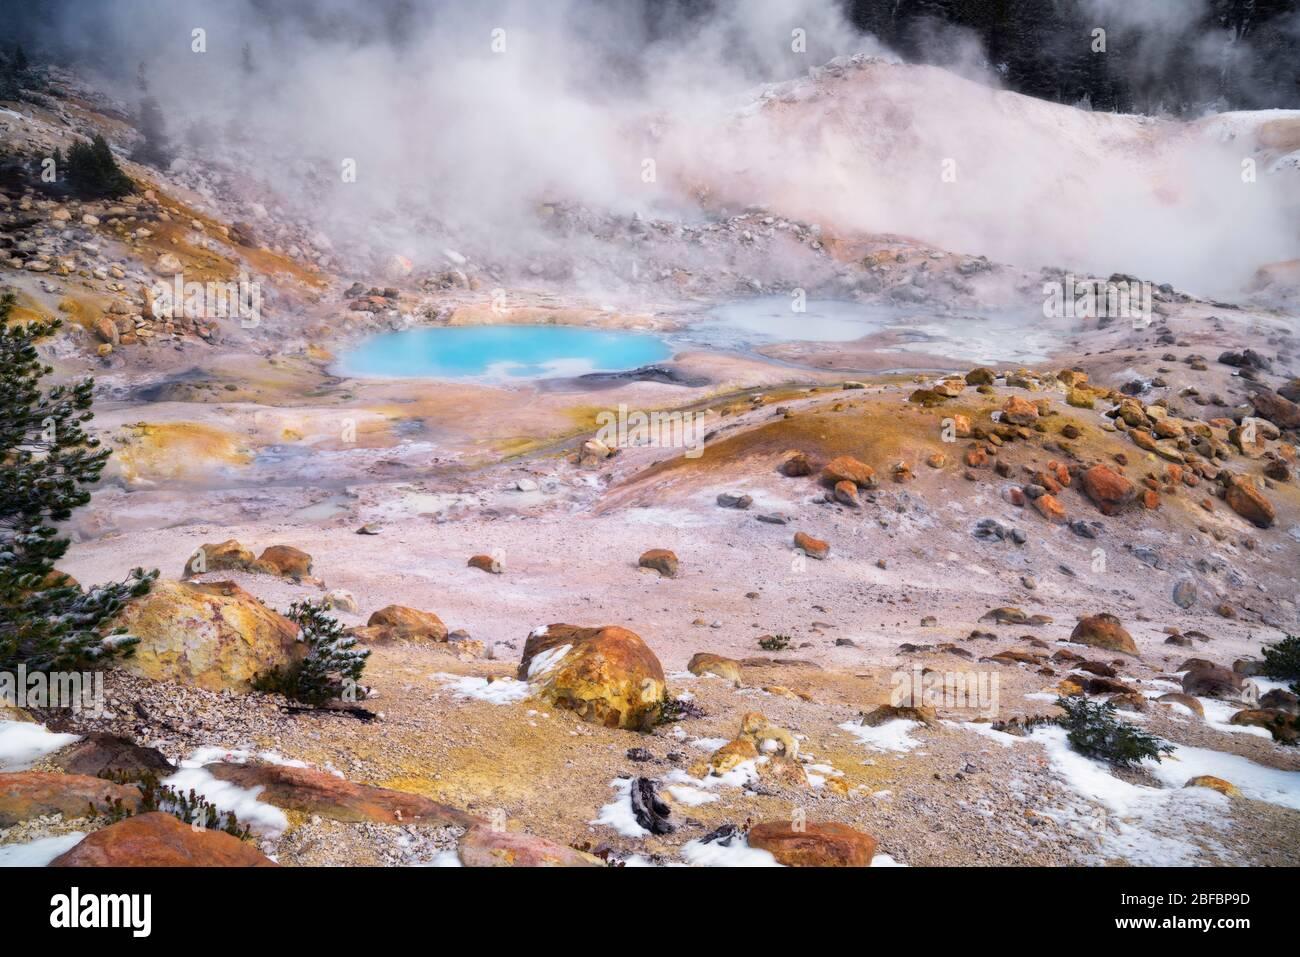 Dampf steigt aus dem türkisfarbenen Pool und den vielen geothermischen Eigenschaften, die in der Bumpass Hell im kalifornischen Lassen Volcanic National Park zu finden sind. Stockfoto